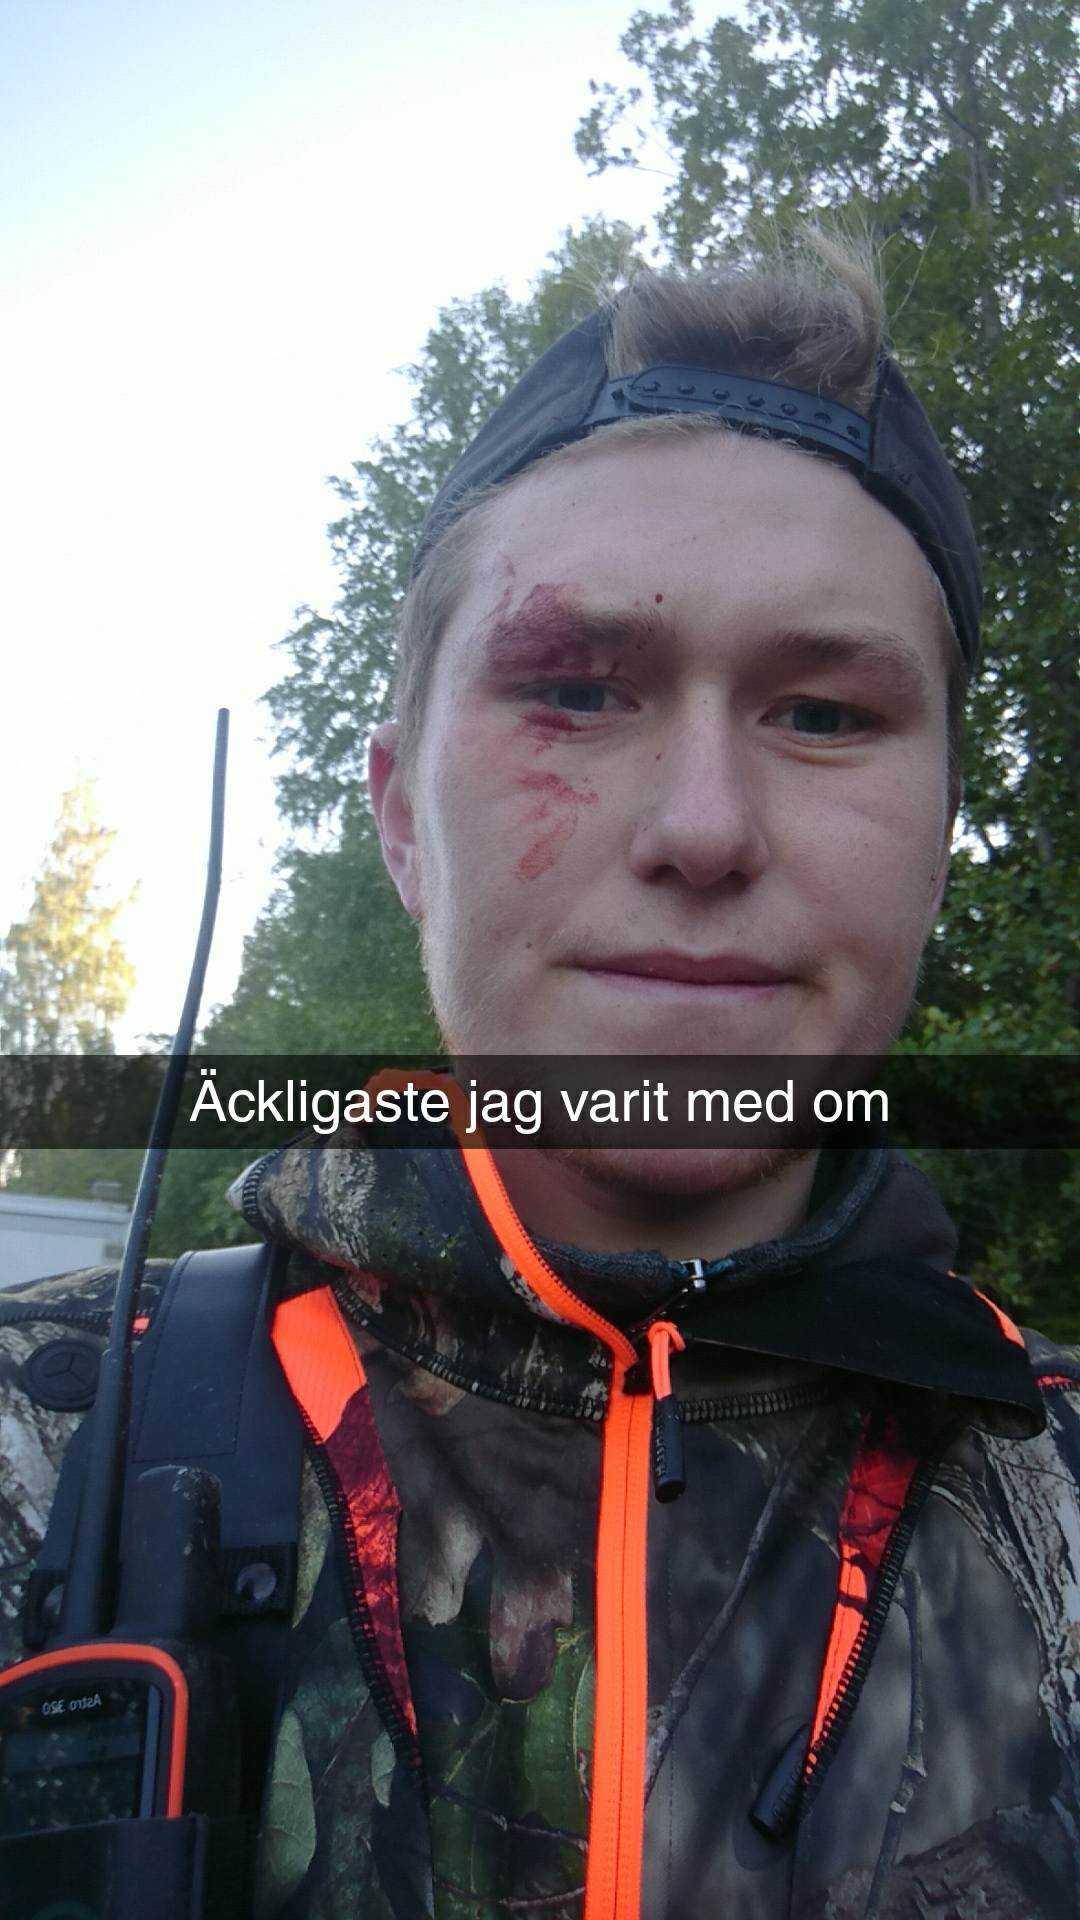 Axel skickade en bild på sig själv till sina vänner på Snapchat direkt efter det dramatiska mötet.